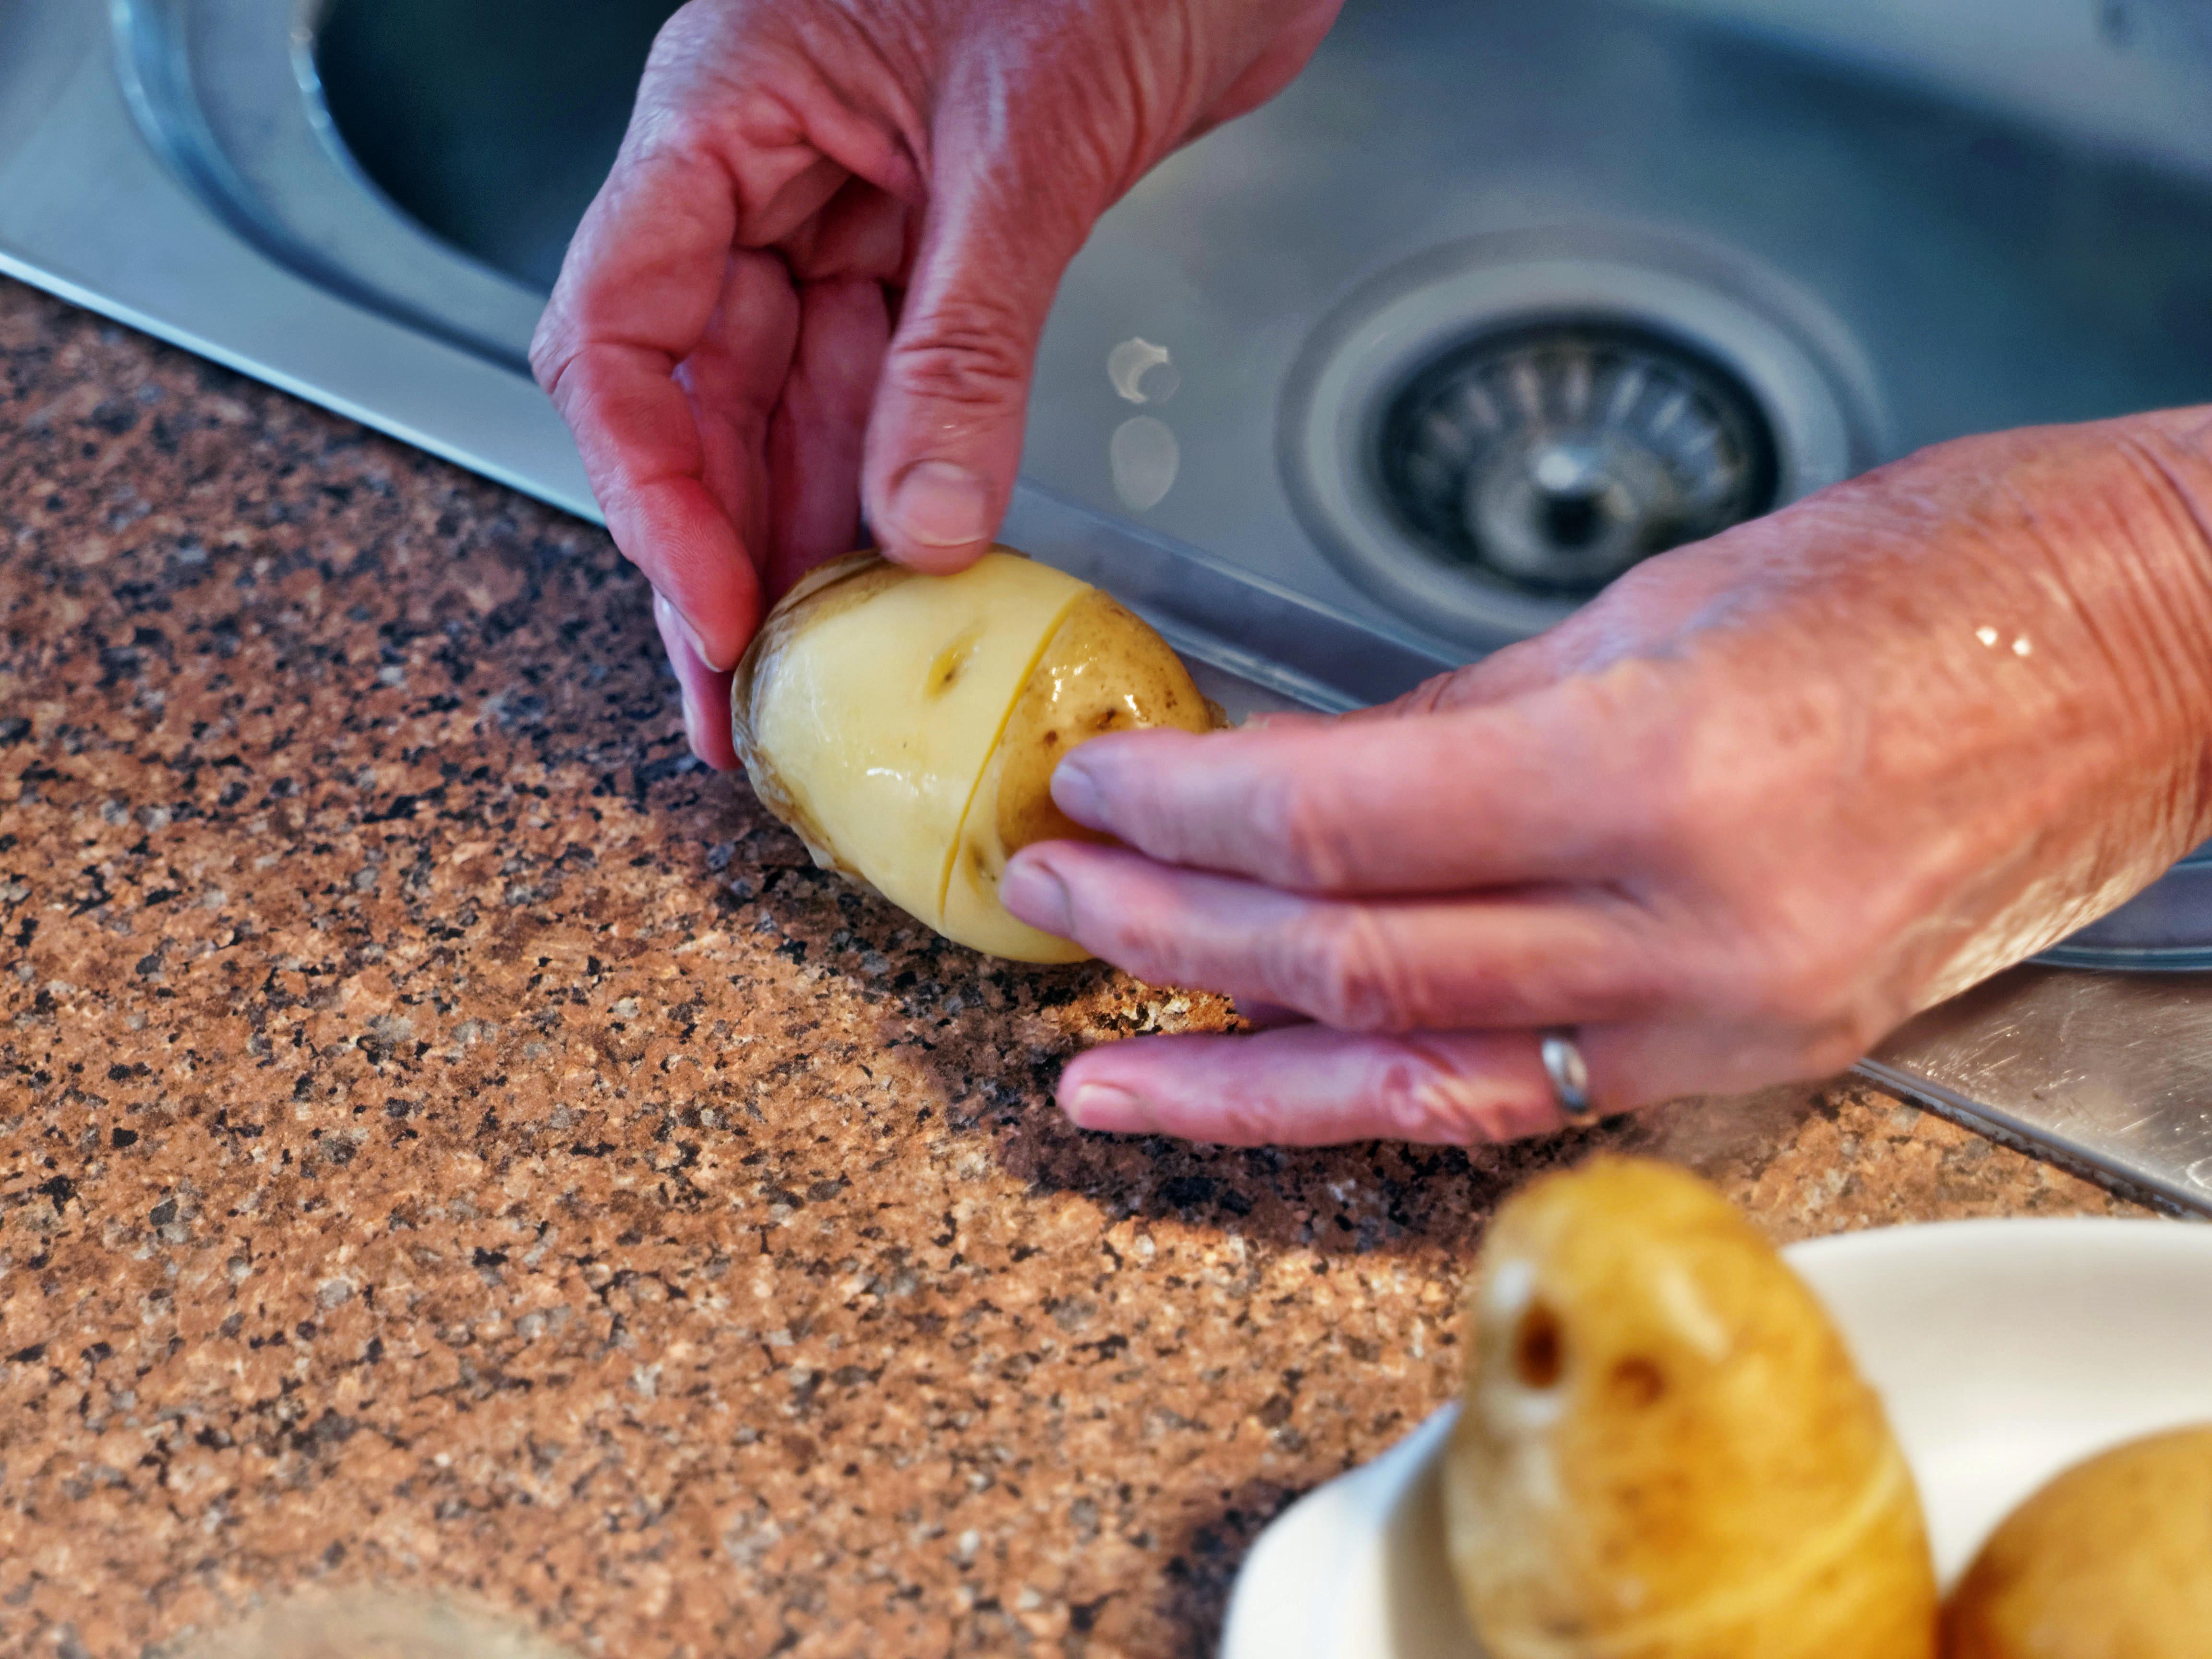 Peeling-potatoes-4.jpeg